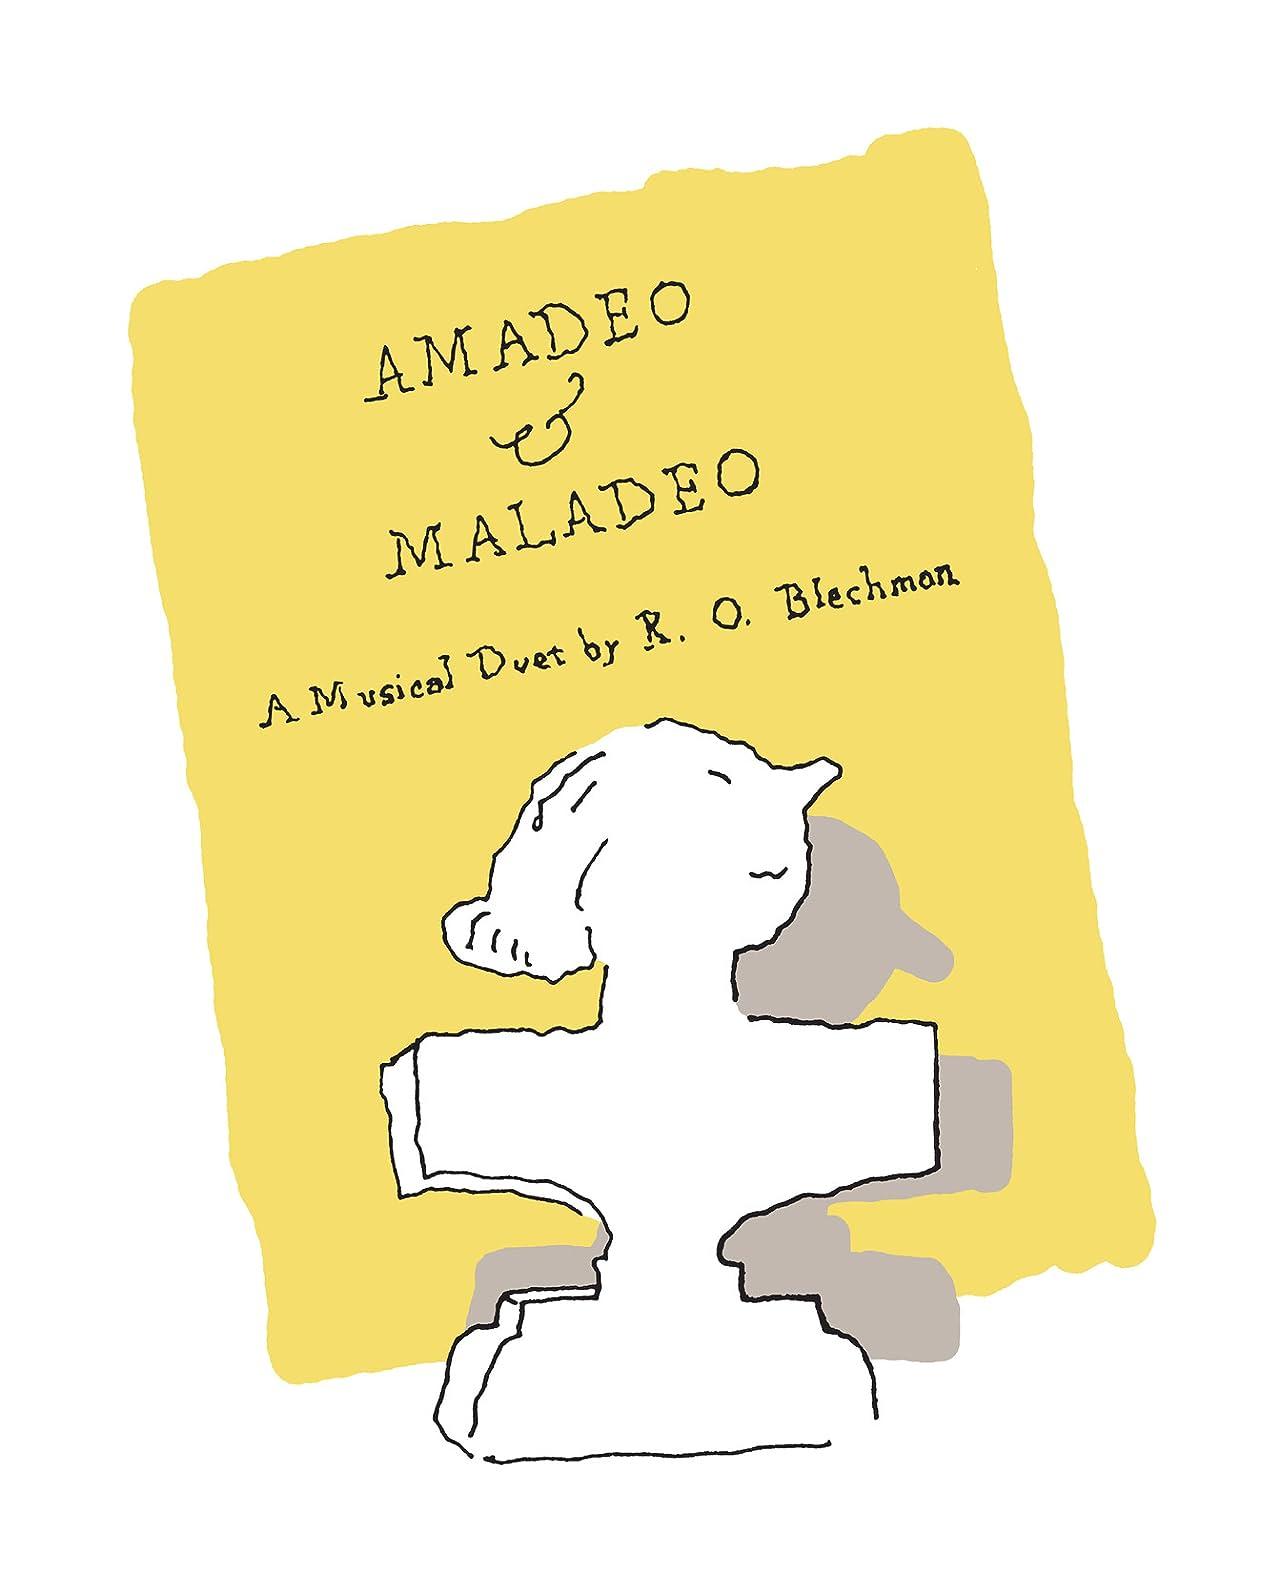 Amadeo & Maladeo: A Musical Duet